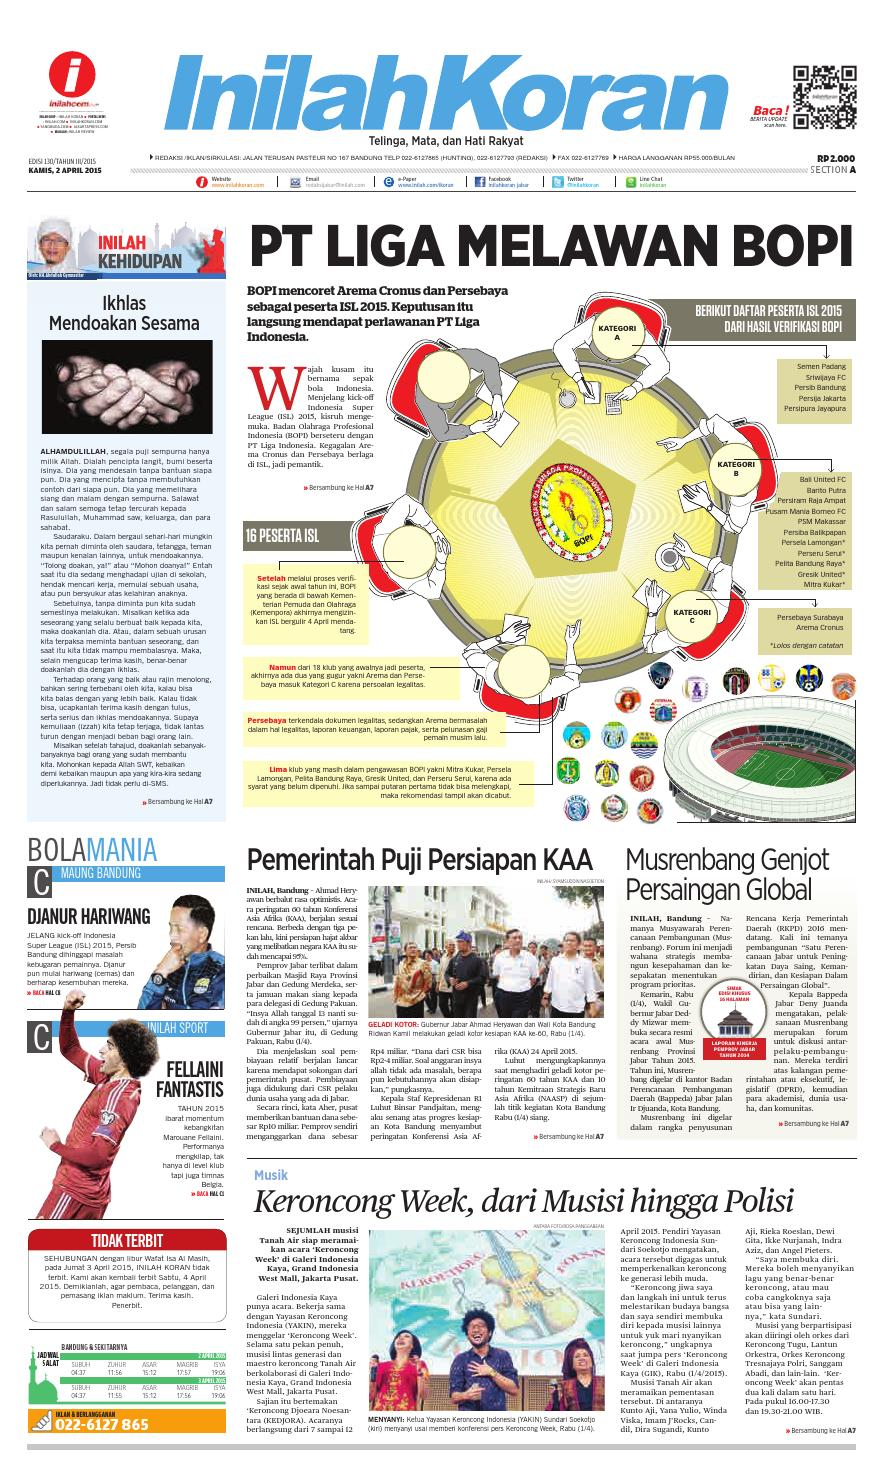 Pt Liga Melawan Bopi By Inilah Koran Issuu Rkb Tegal Madu Mongso